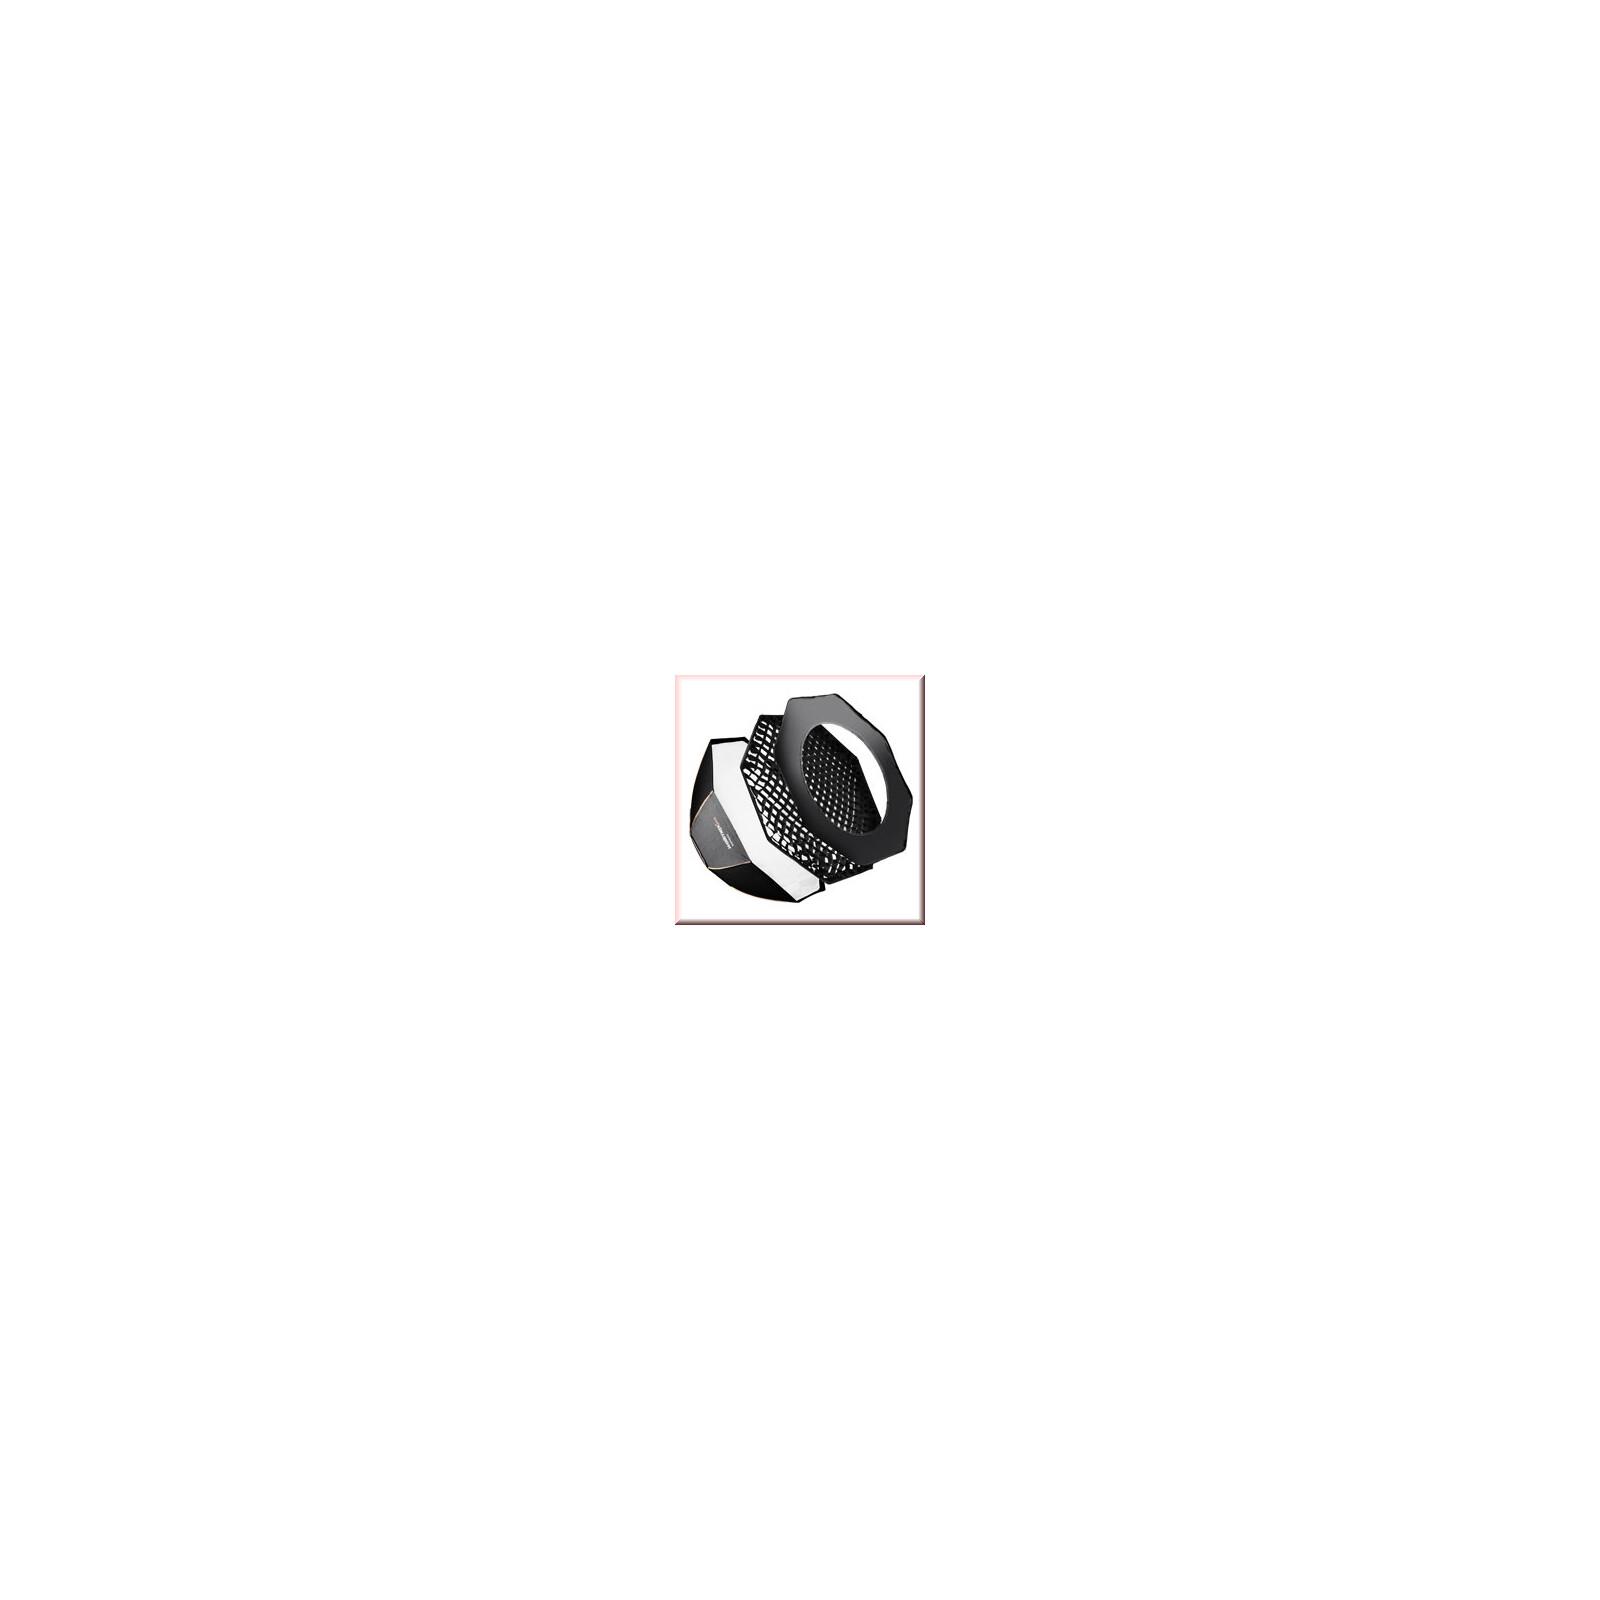 walimex pro Octa Softbox PLUS OL Ø120 Multiblitz P